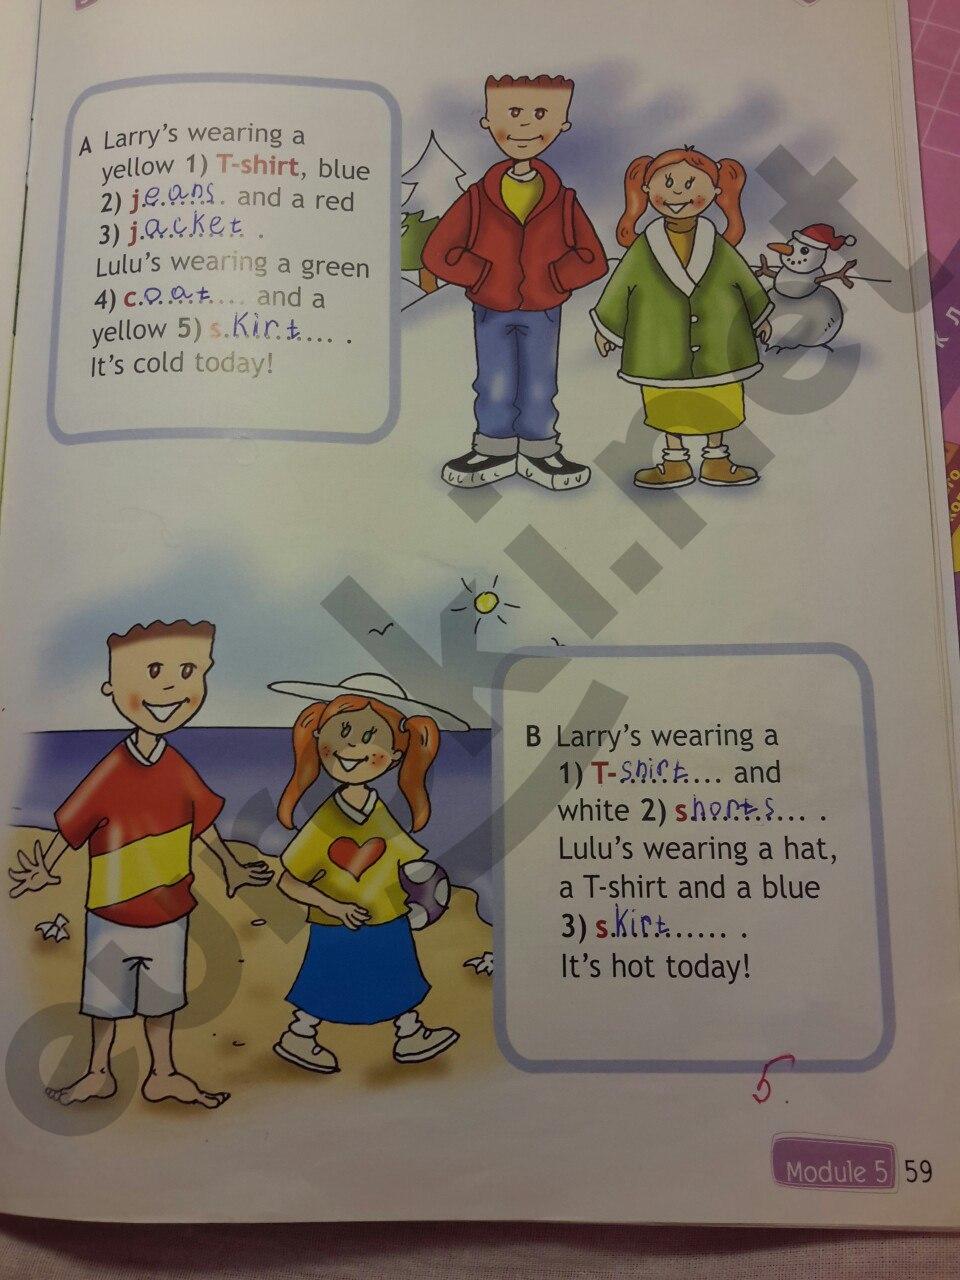 ГДЗ по английскому языку 2 класс рабочая тетрадь Быкова. Задание: стр. 59